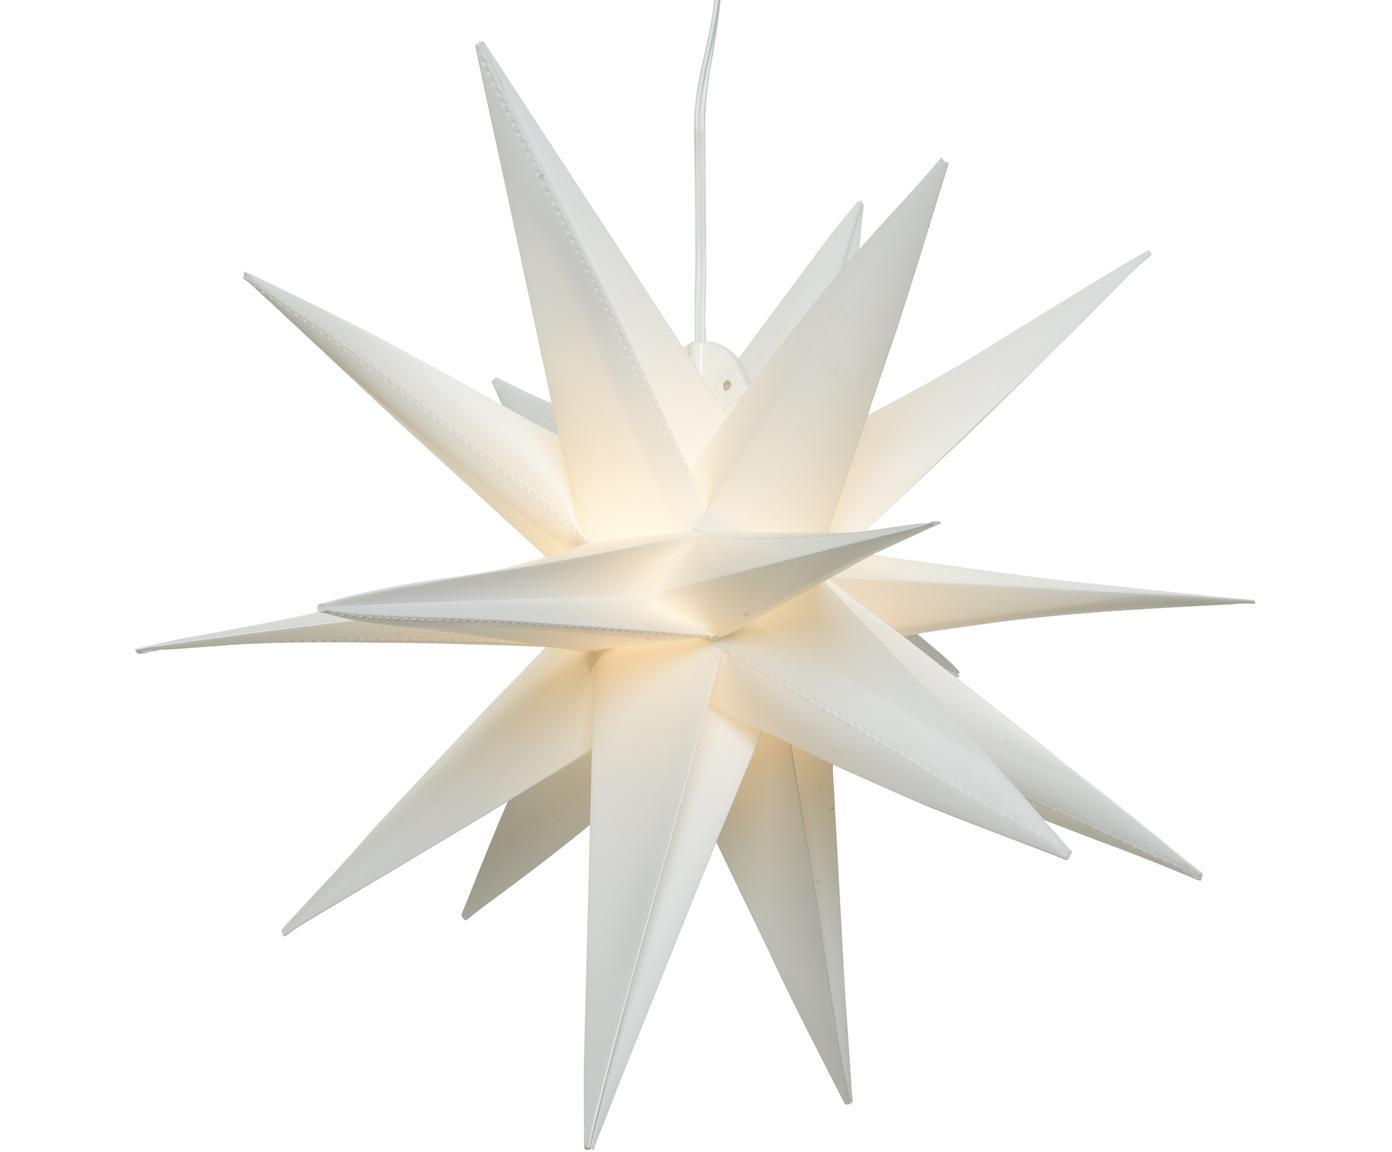 Estrella LED a pilas Zing, Cable: plástico, Blanco, Ø 30 cm